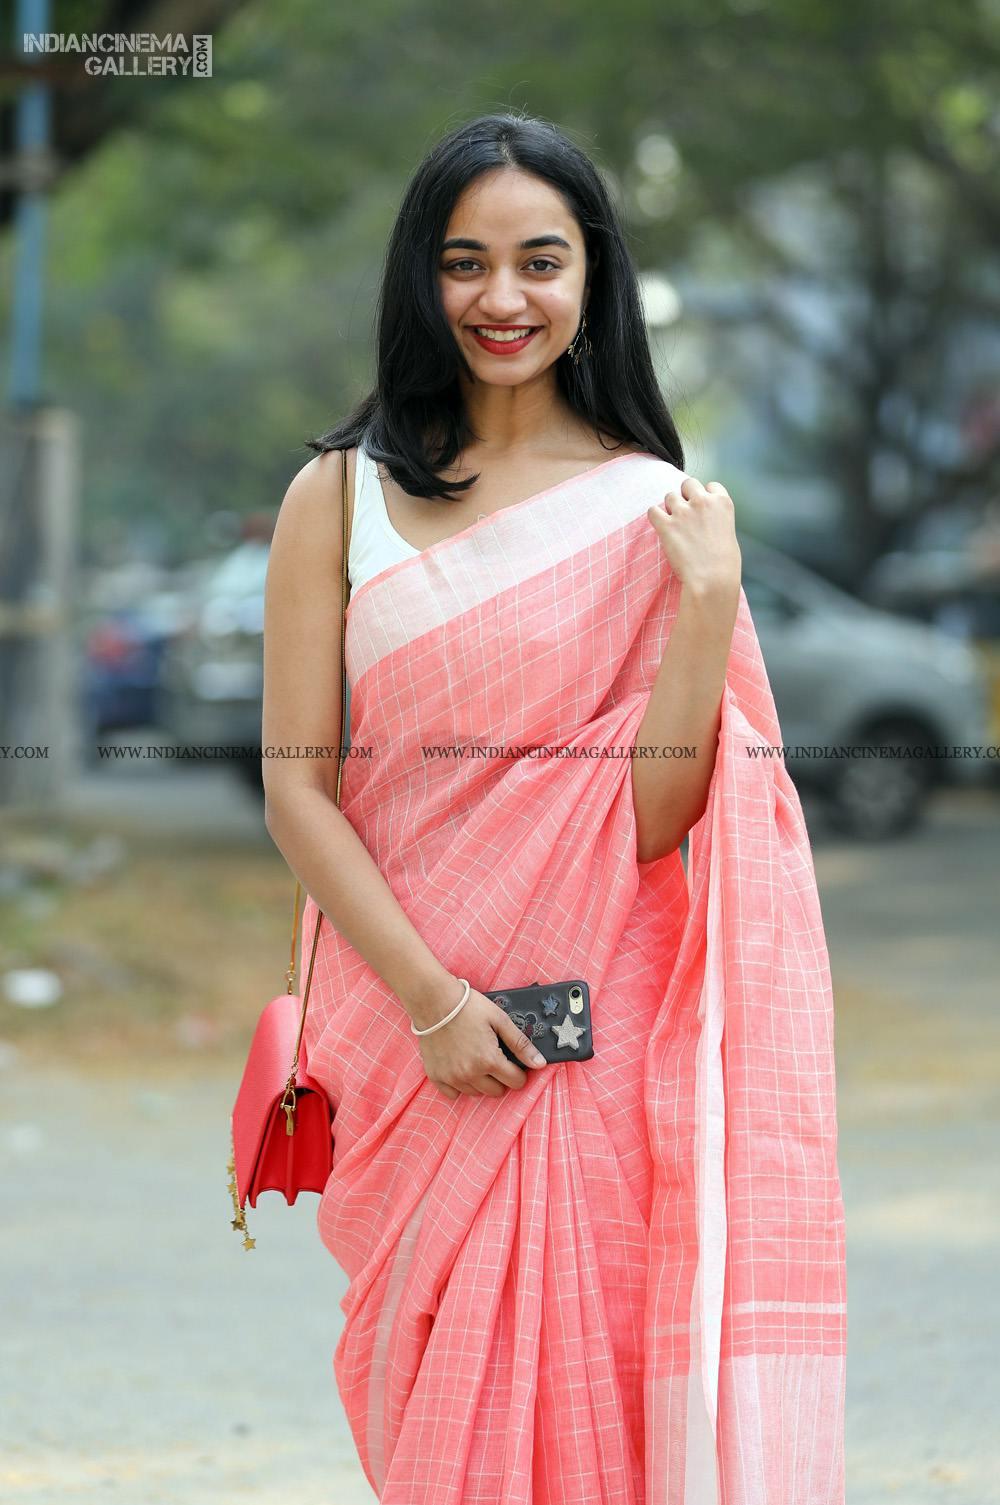 Apoorva Bose at Vritham Movie Launch (2)